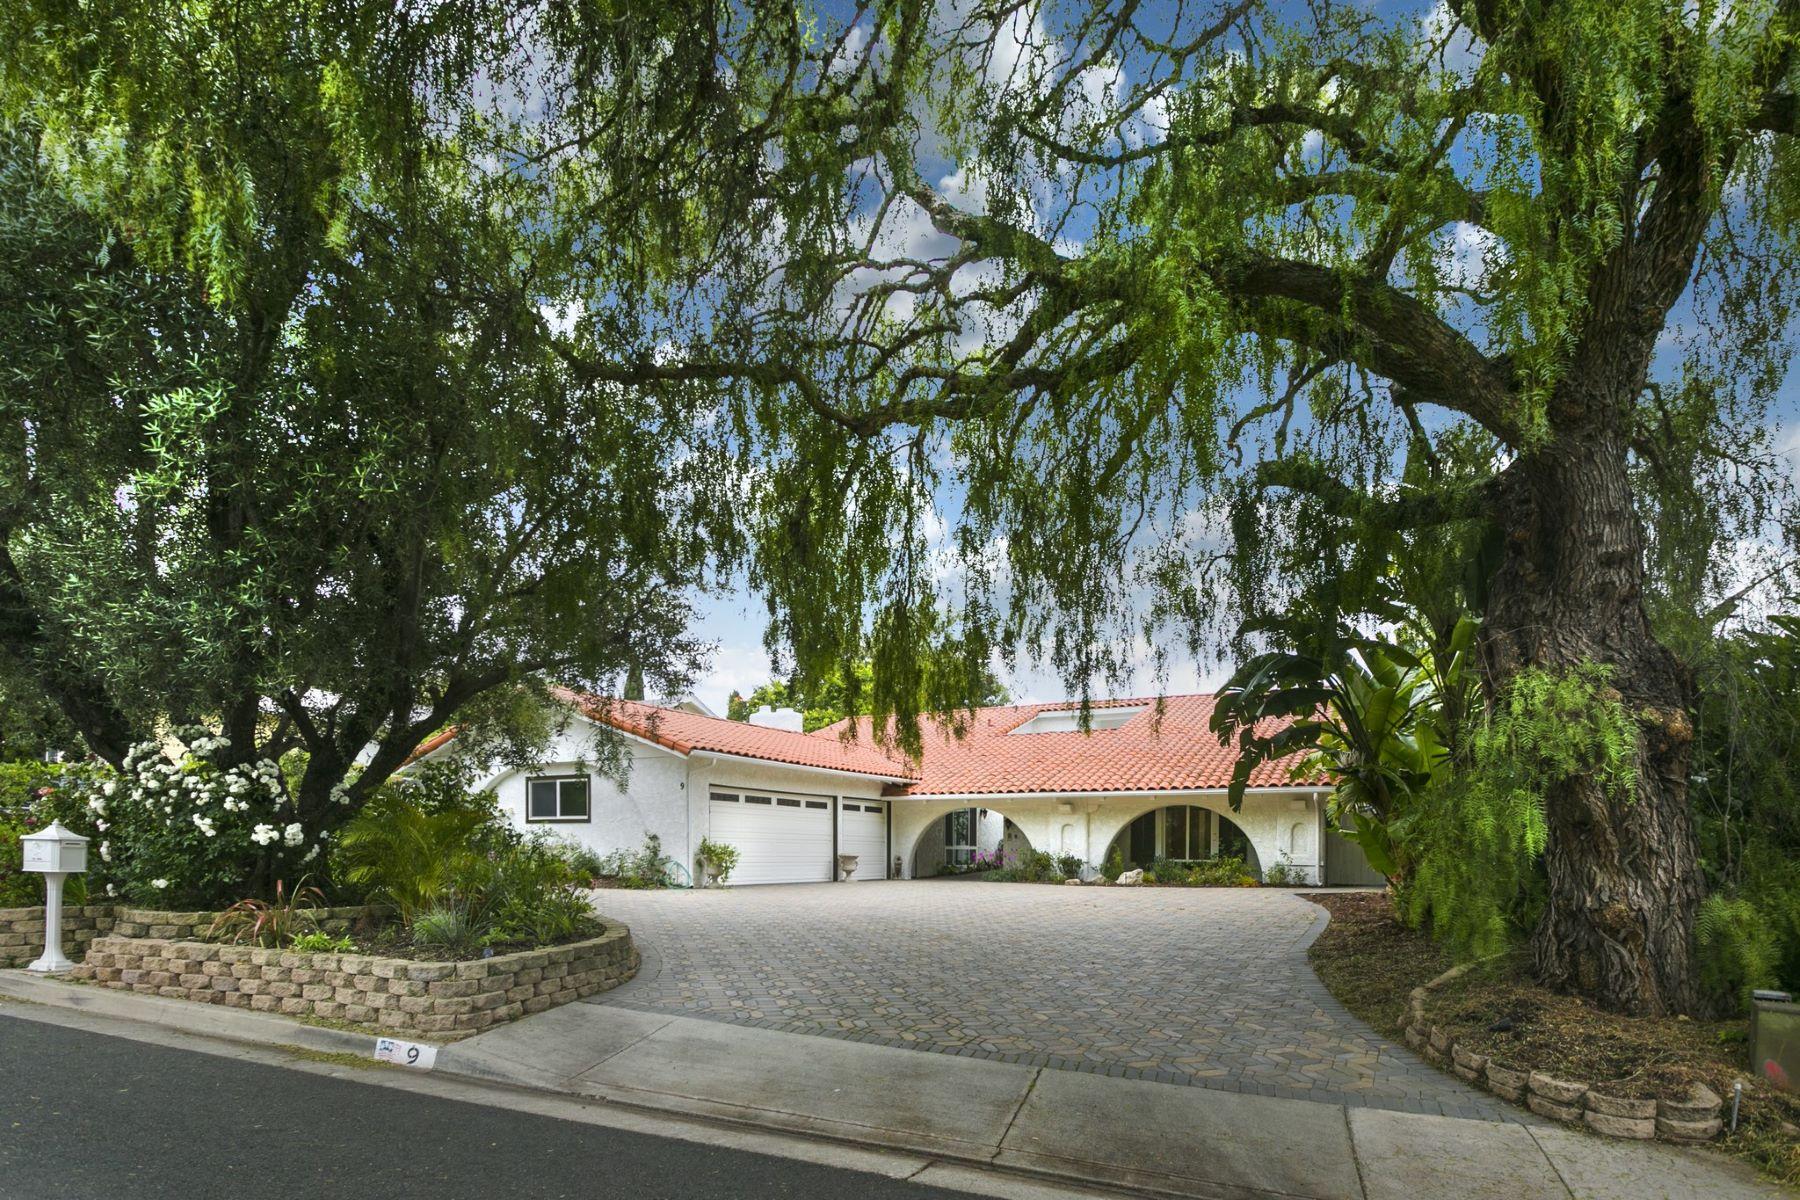 Объект для продажи Rolling Hills Estates